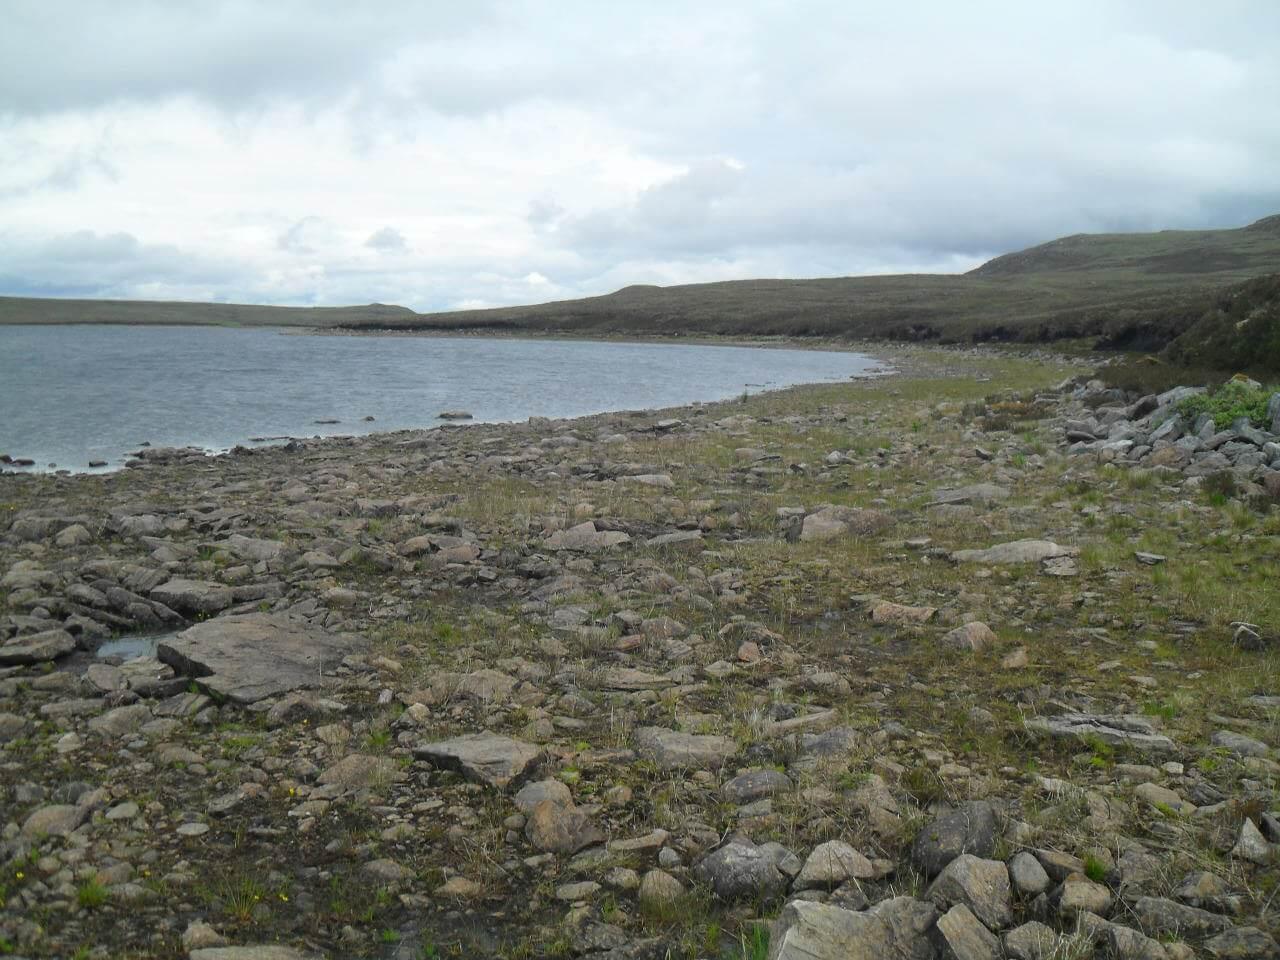 Am <em>Loch ma Stac</em> endet der Weg. Weiter geht es nur entlang des Uferstreifens, den man direkt hinter der Staumauer erreicht